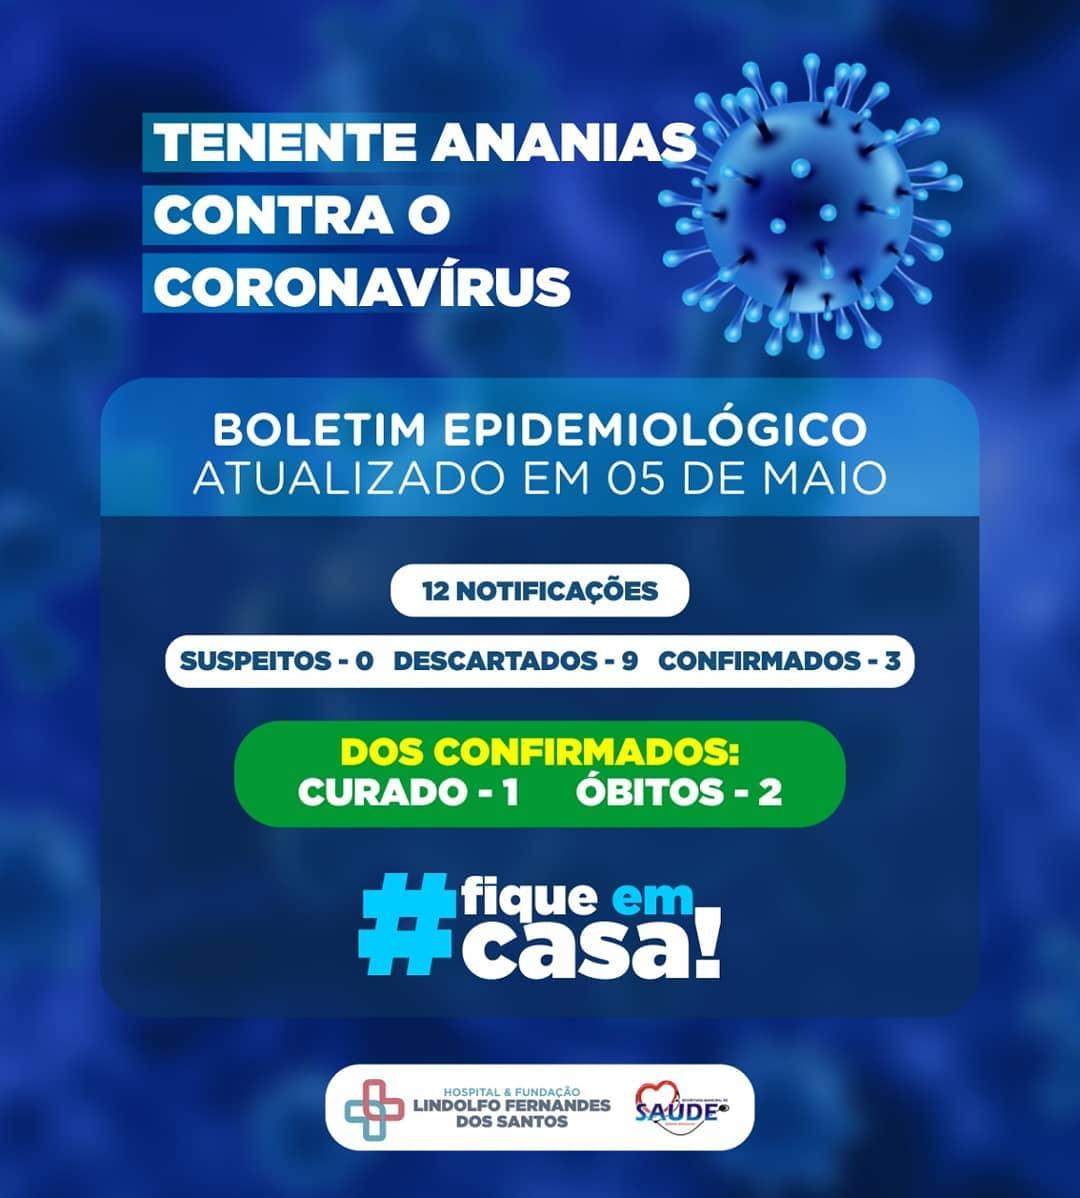 Boletim Epidemiológico, Atualizado em 05 de maio.